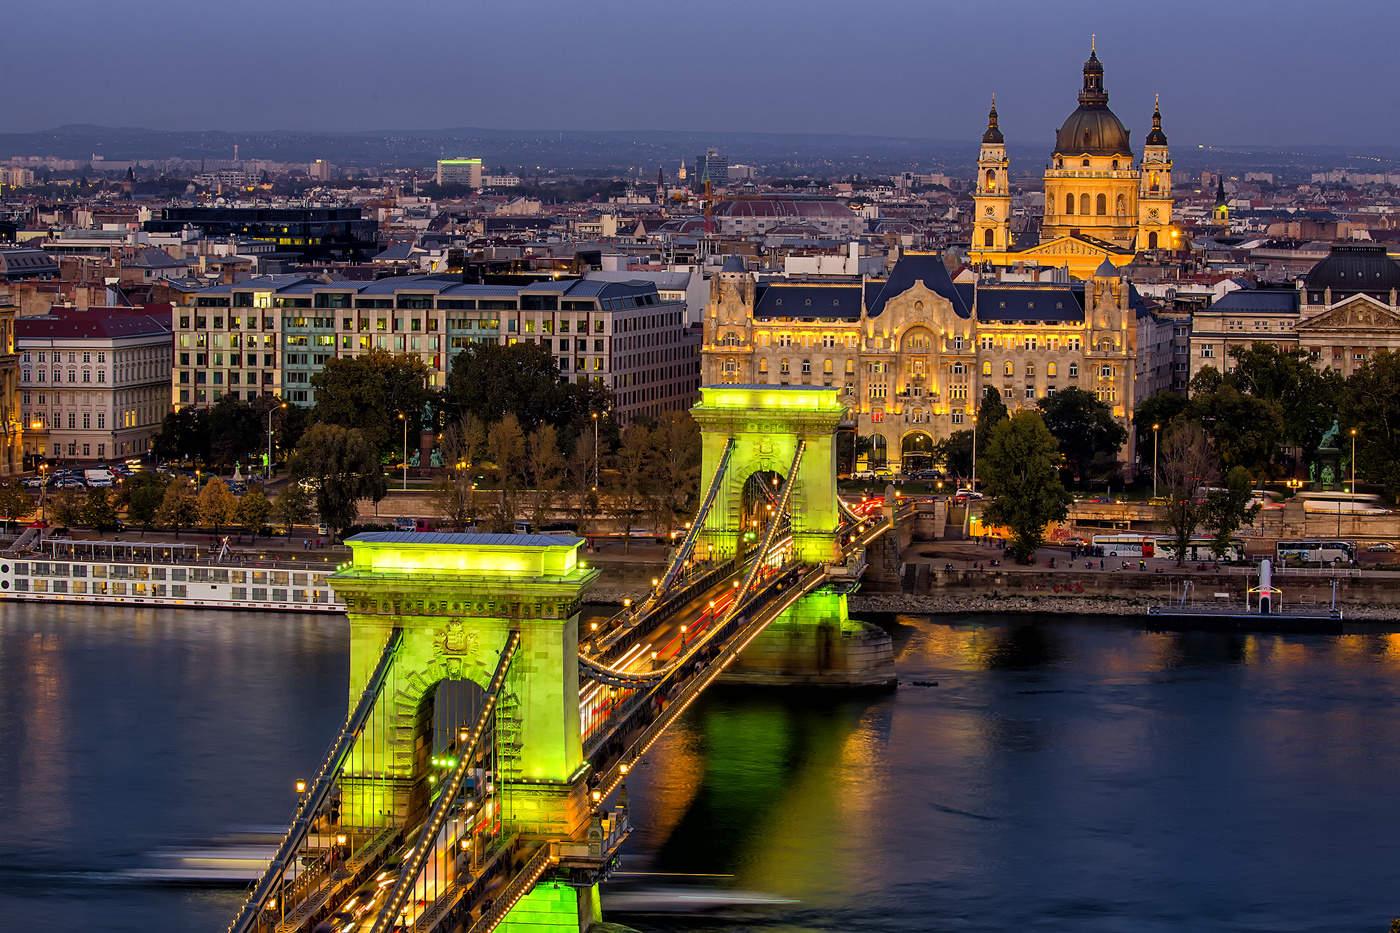 отдыхающие фото будапешт венгрия отец